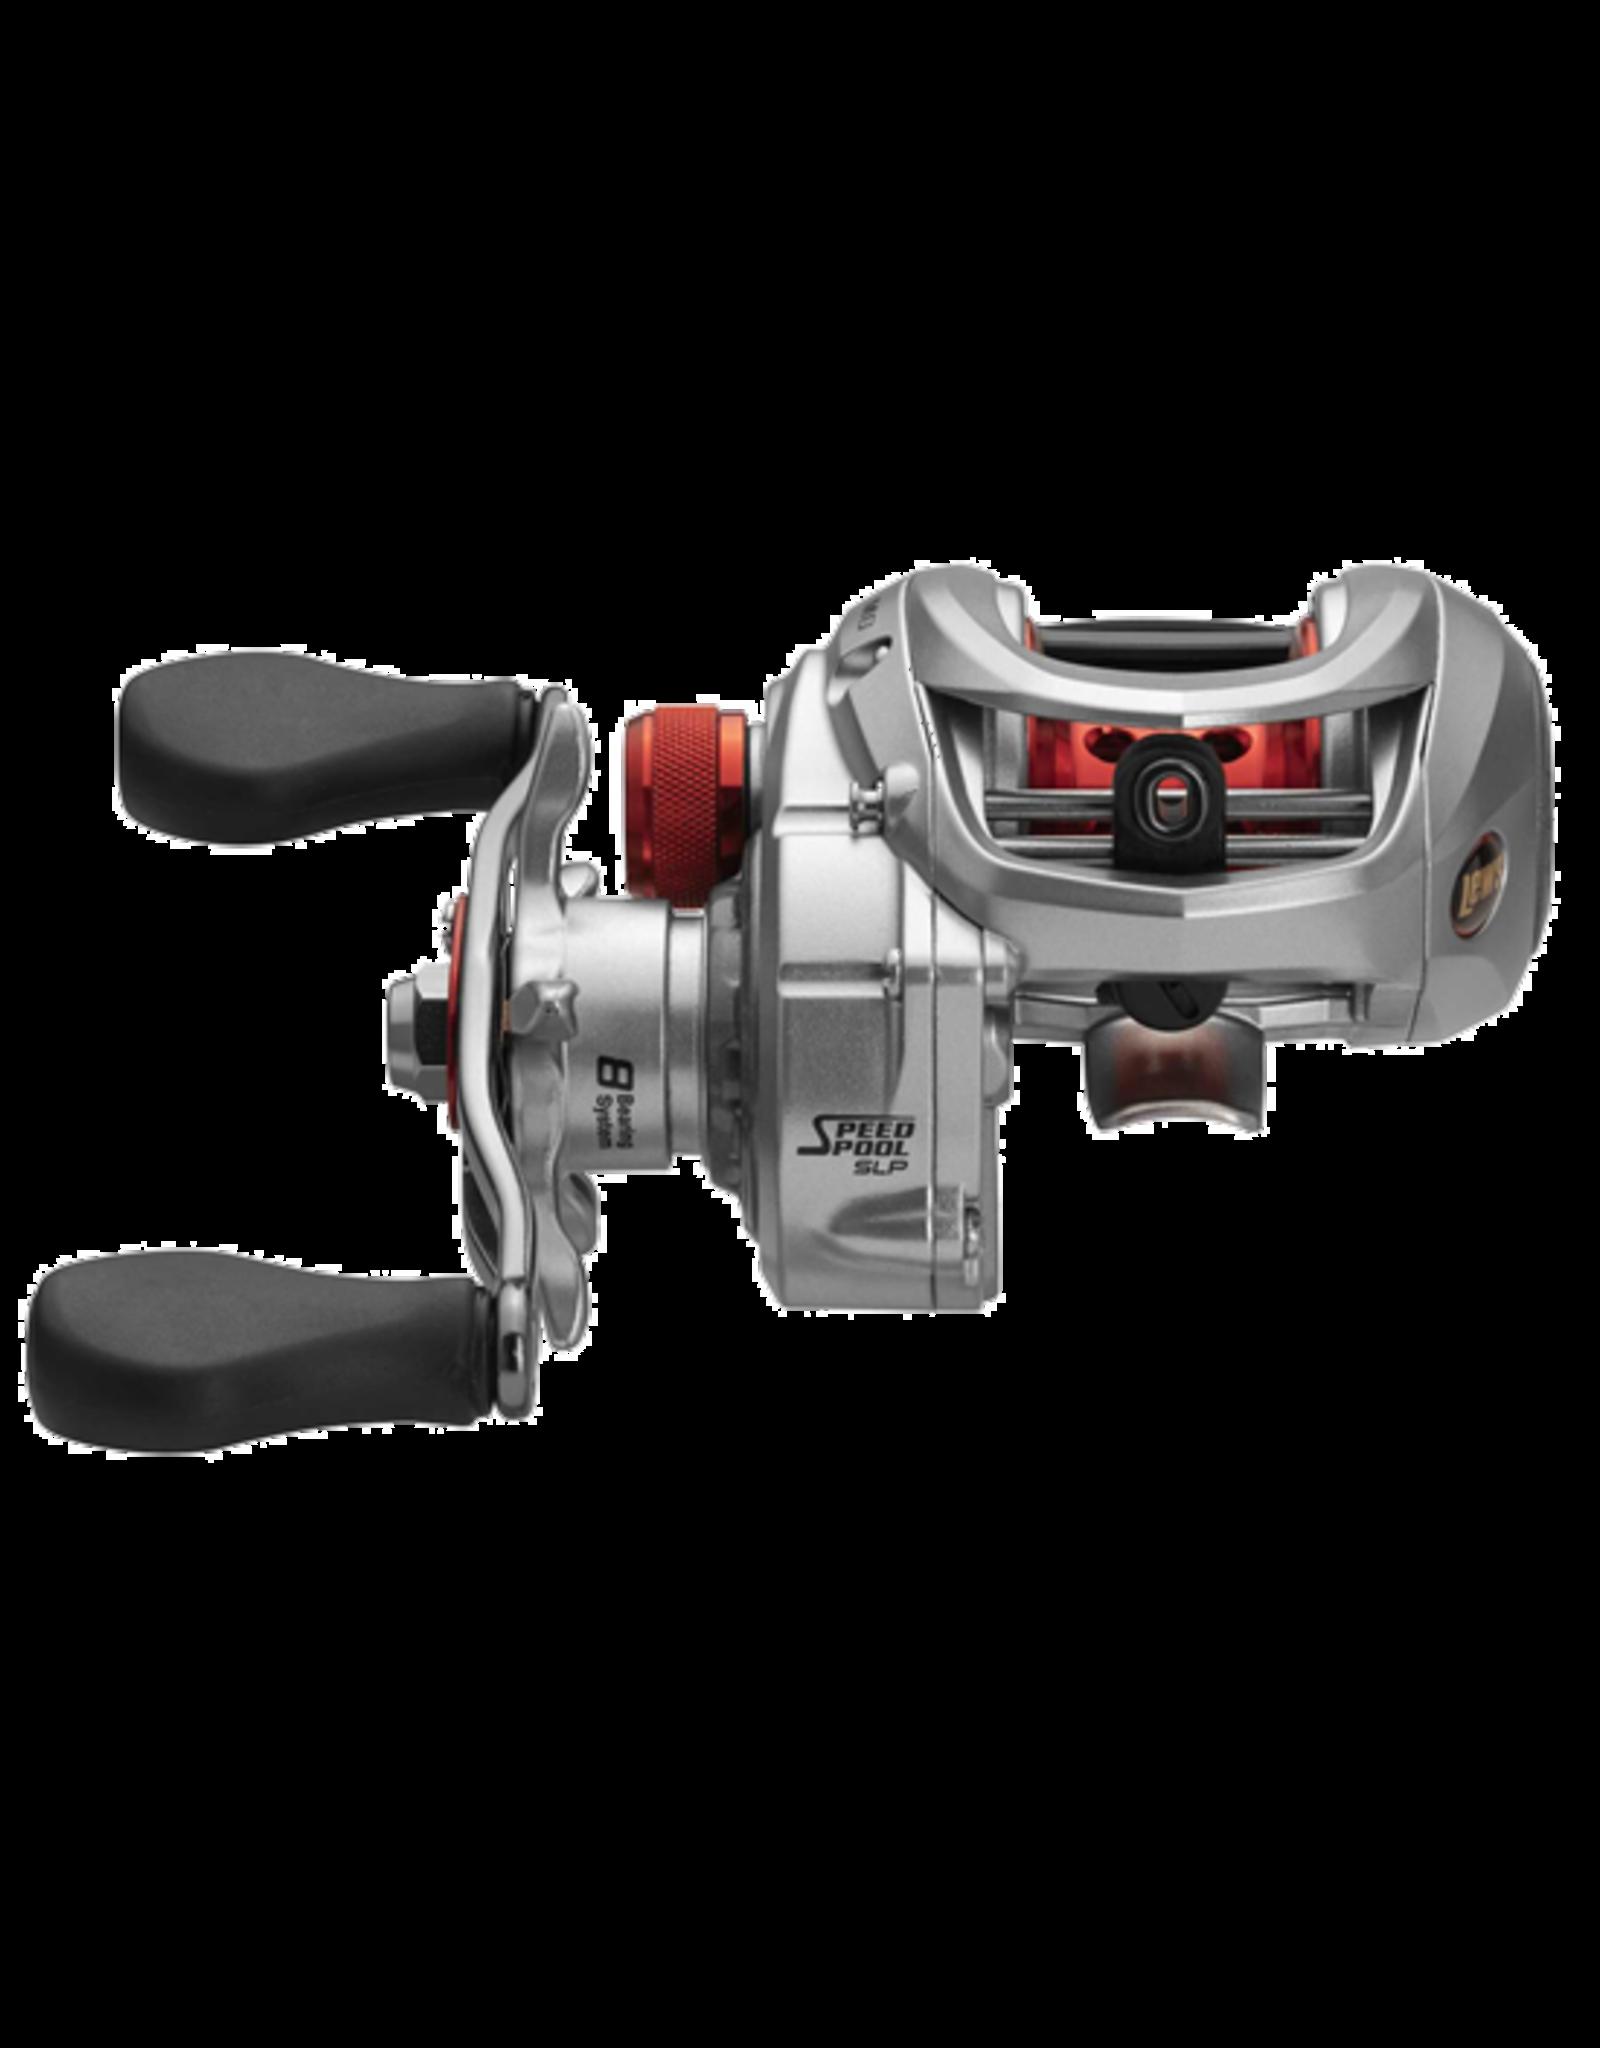 Lew's Lew's Laser MG Speed Spool SLP Gen 2 Baitcast Reel